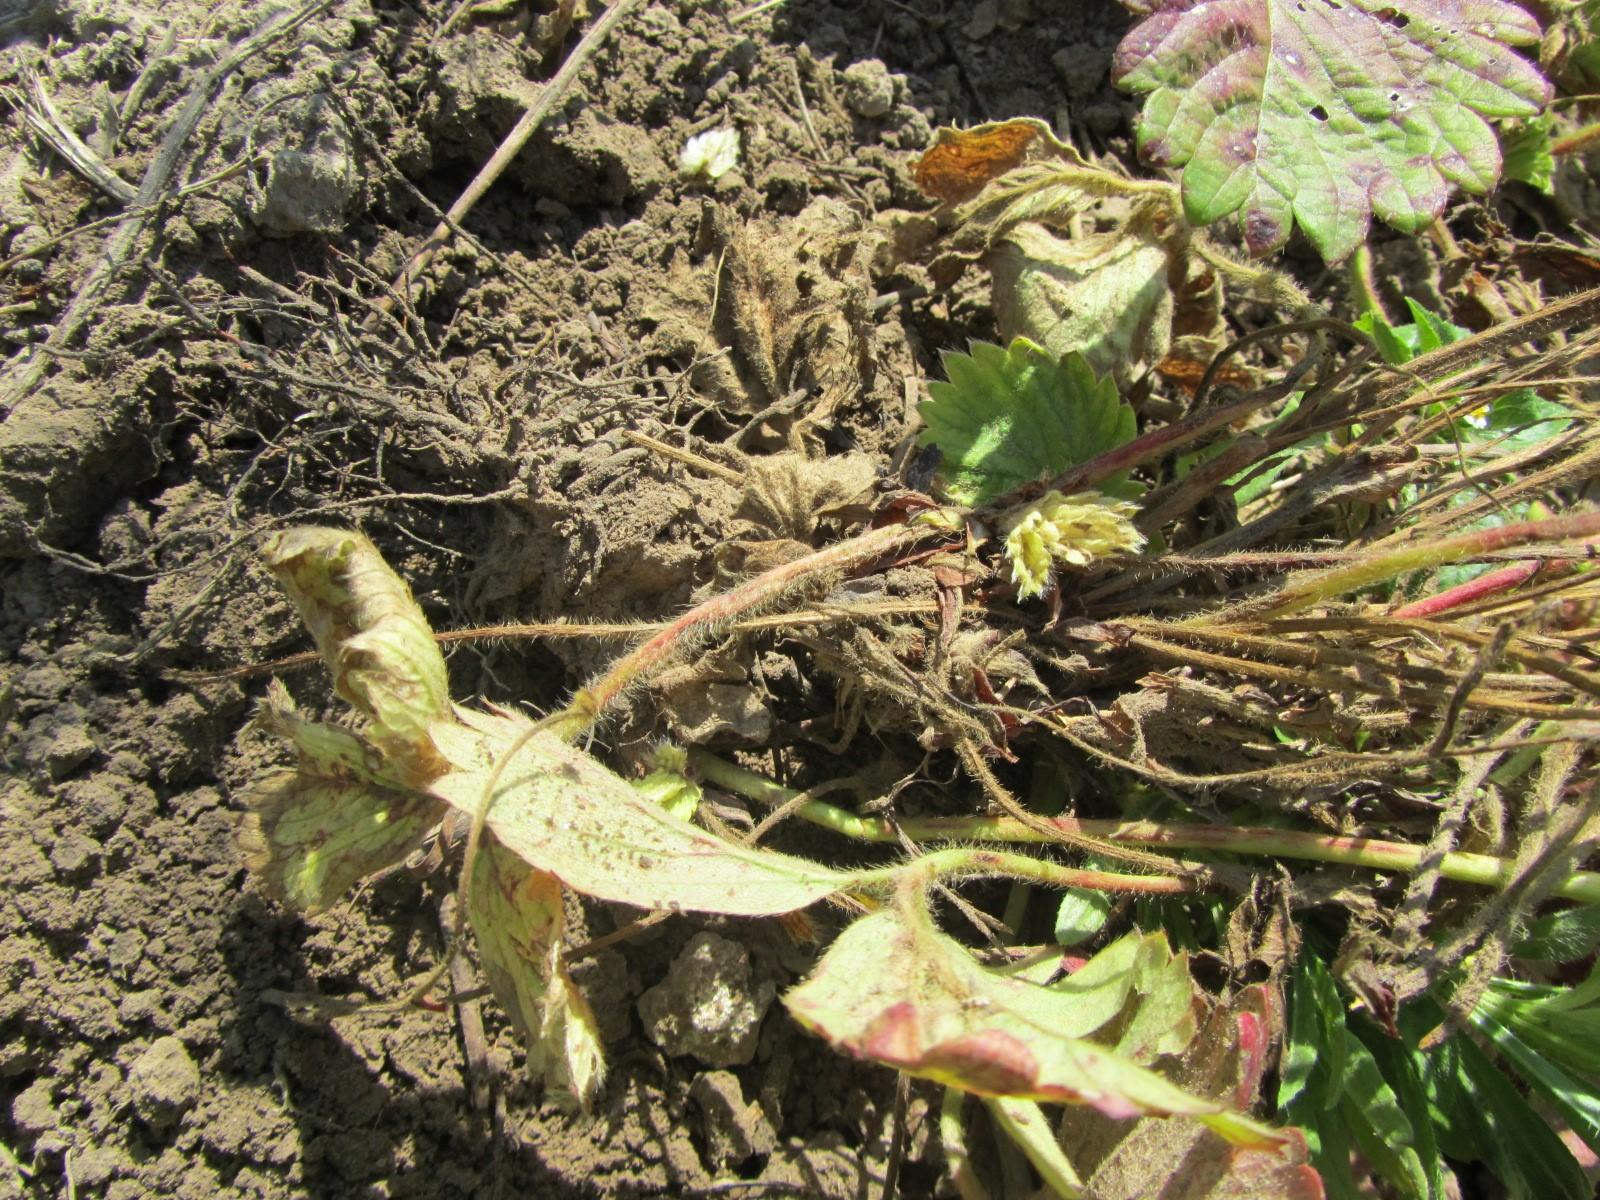 Засохшие кустики с оголенными корнями